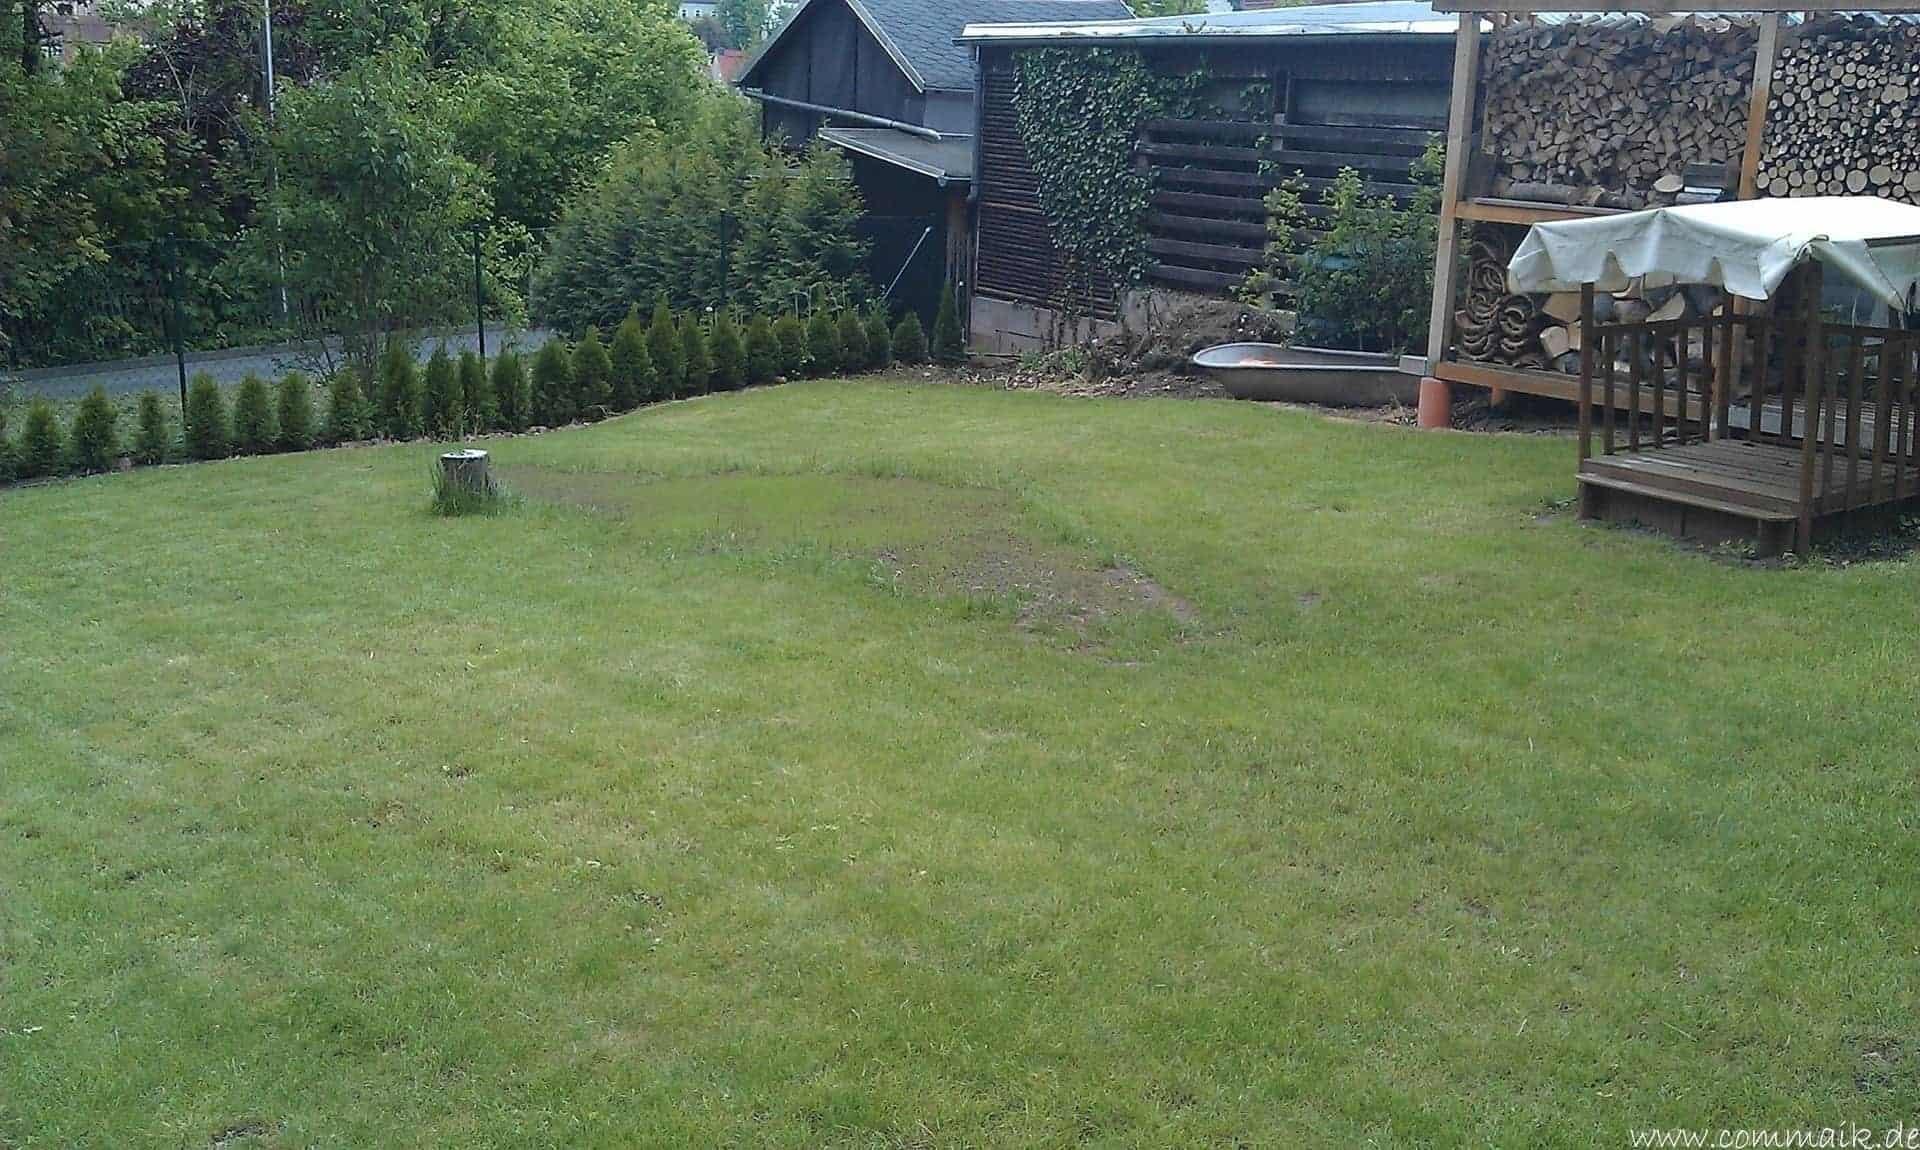 Inspirierend Garten Rasen Ideen